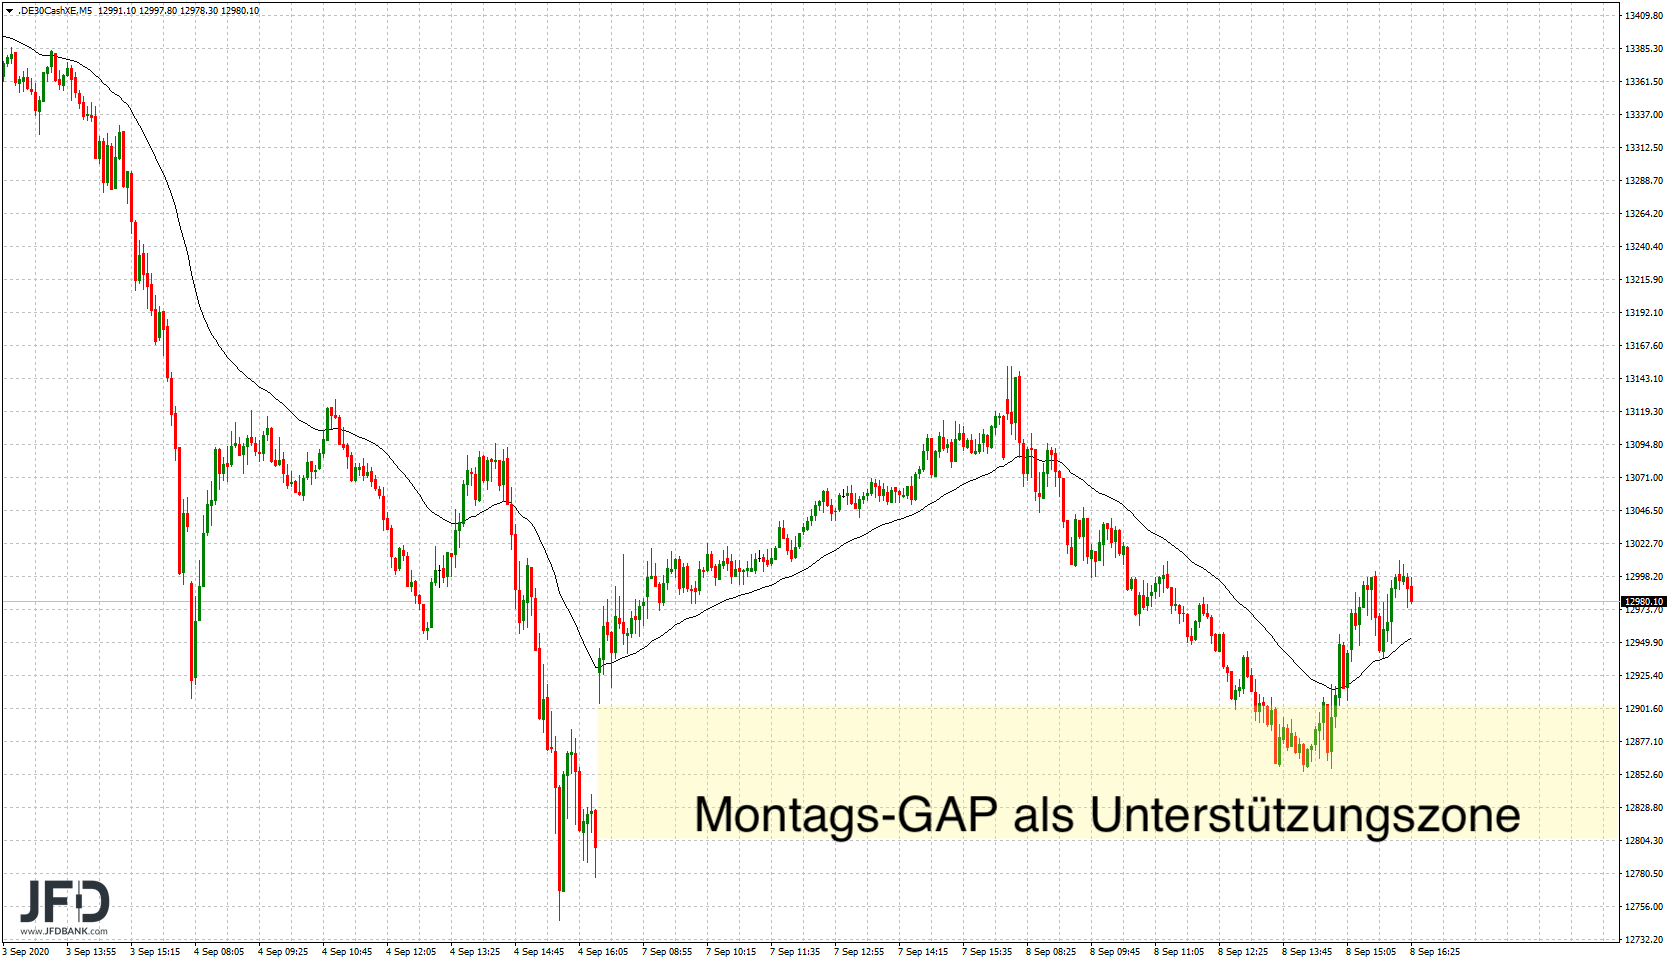 Auf-Schwäche-folgt-Stärke-und-erneute-Schwäche-DAX-bleibt-unentschlossen-Kommentar-JFD-Bank-GodmodeTrader.de-3